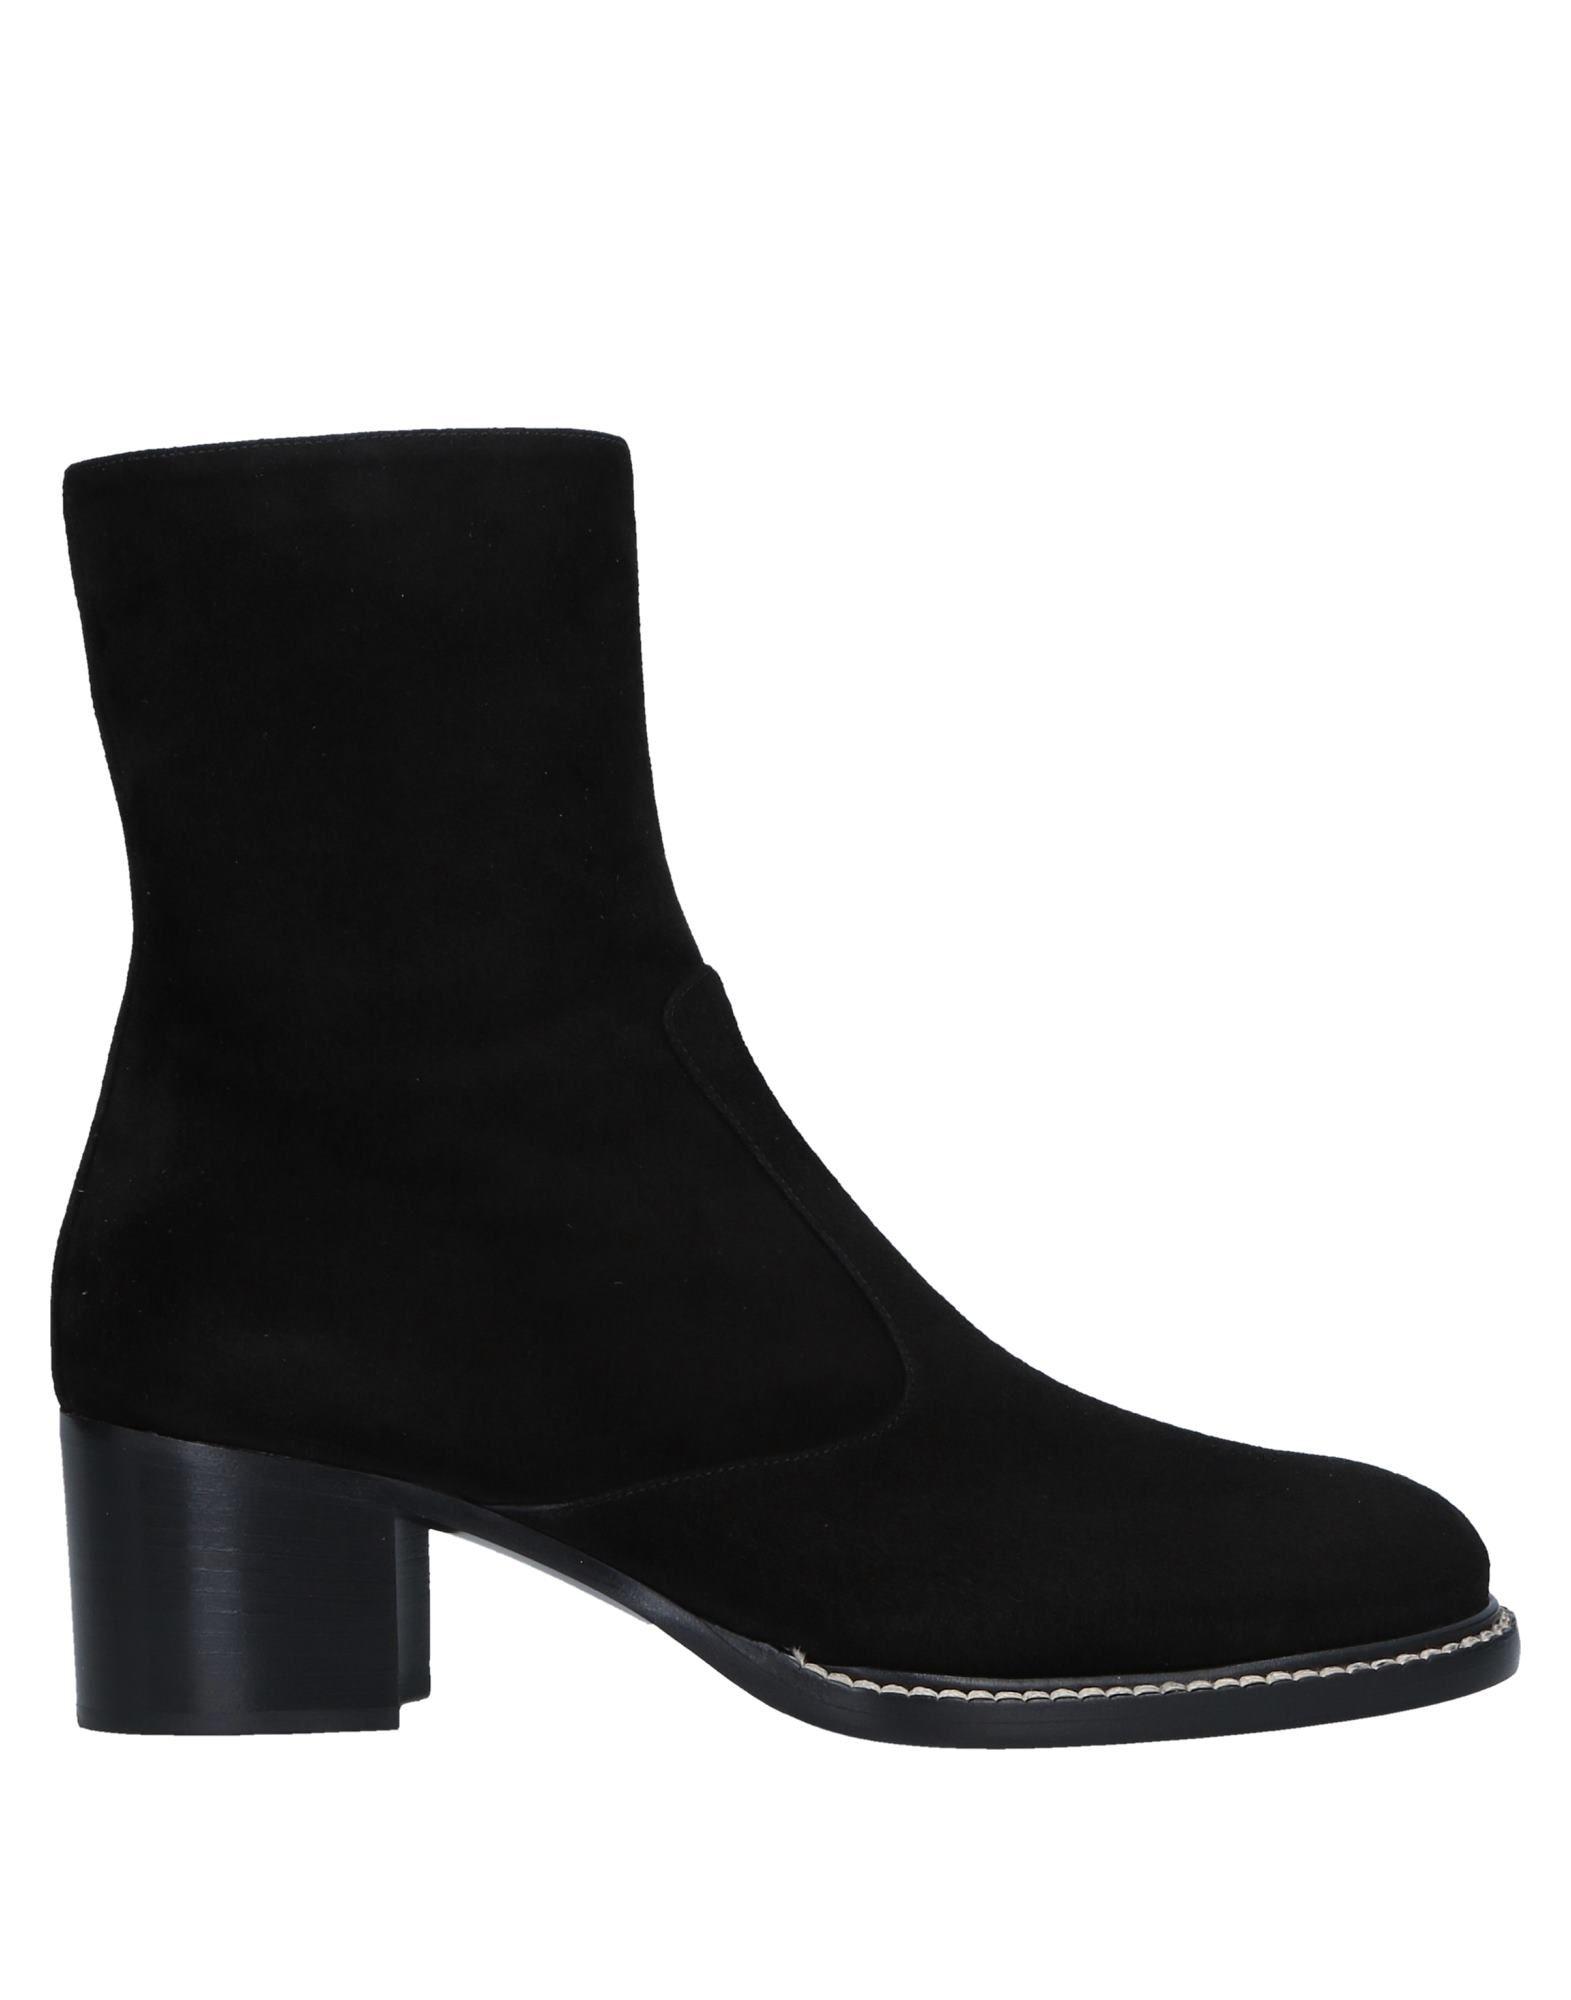 Veronique Branquinho Ankle Branquinho Boot - Women Veronique Branquinho Ankle Ankle Boots online on  Australia - 11544074TF 77bbc1